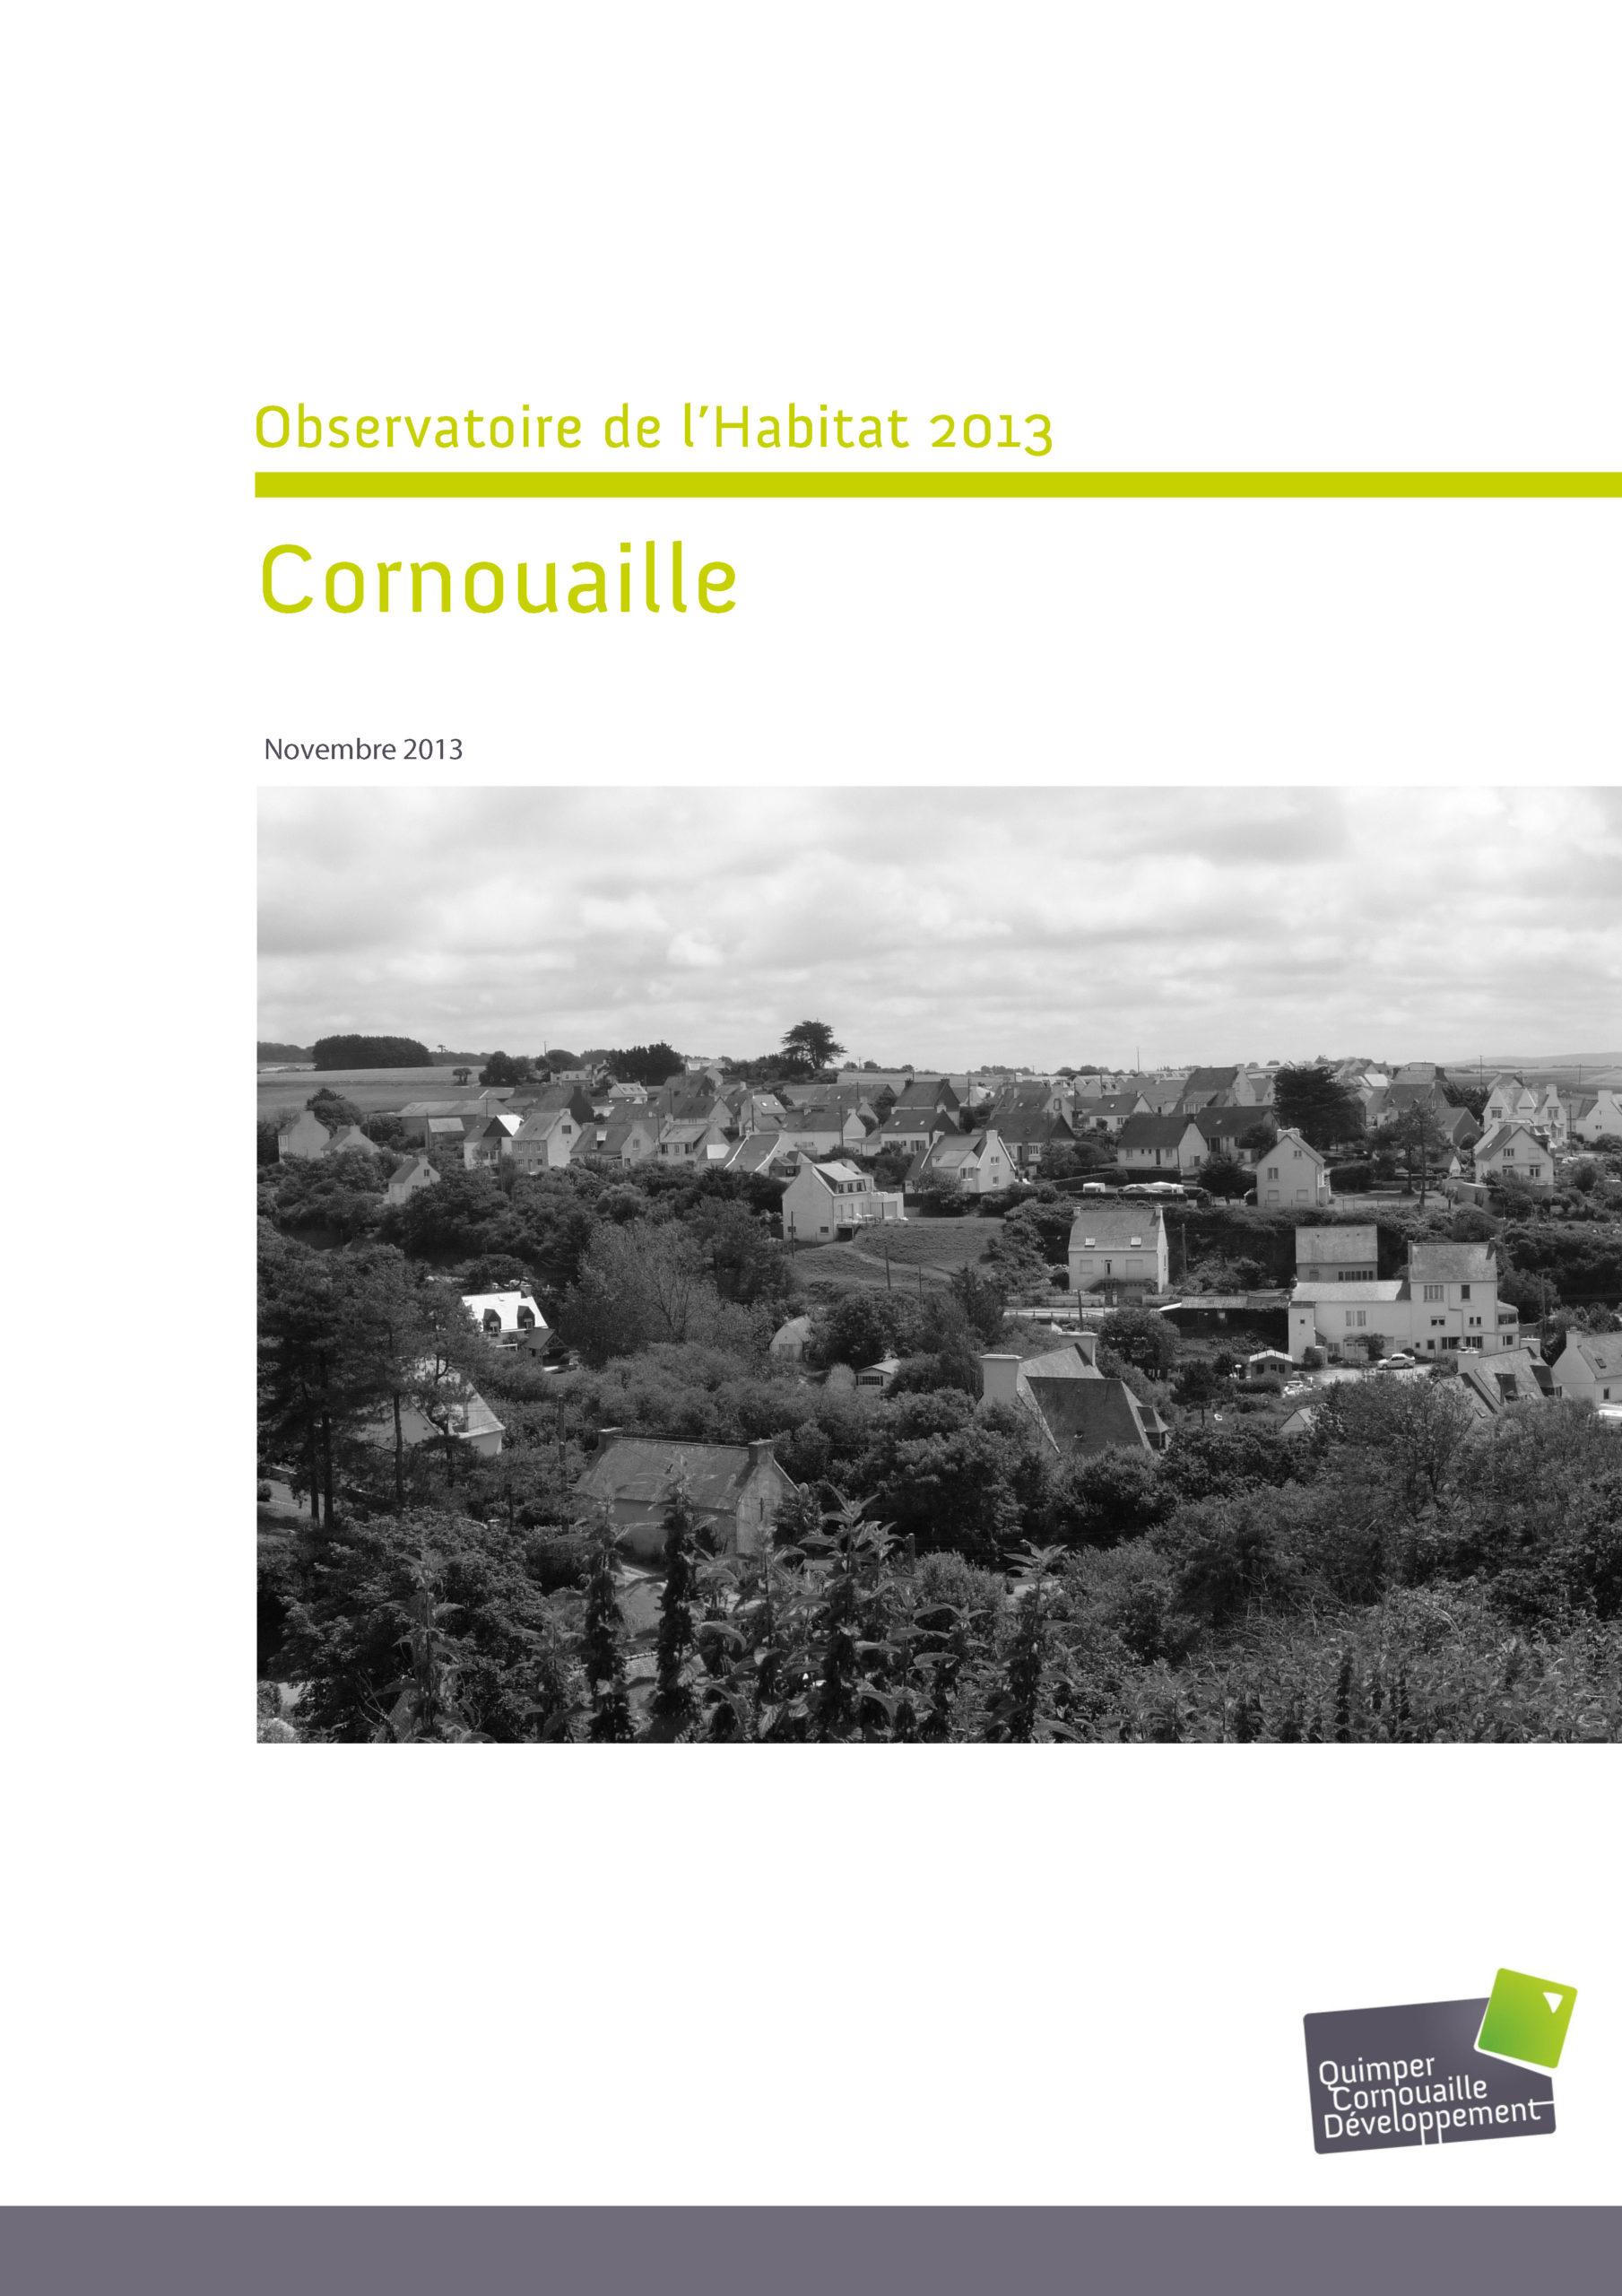 Observatoire de l'habitat 2013 Cornouaille (et fiches par EPCI)